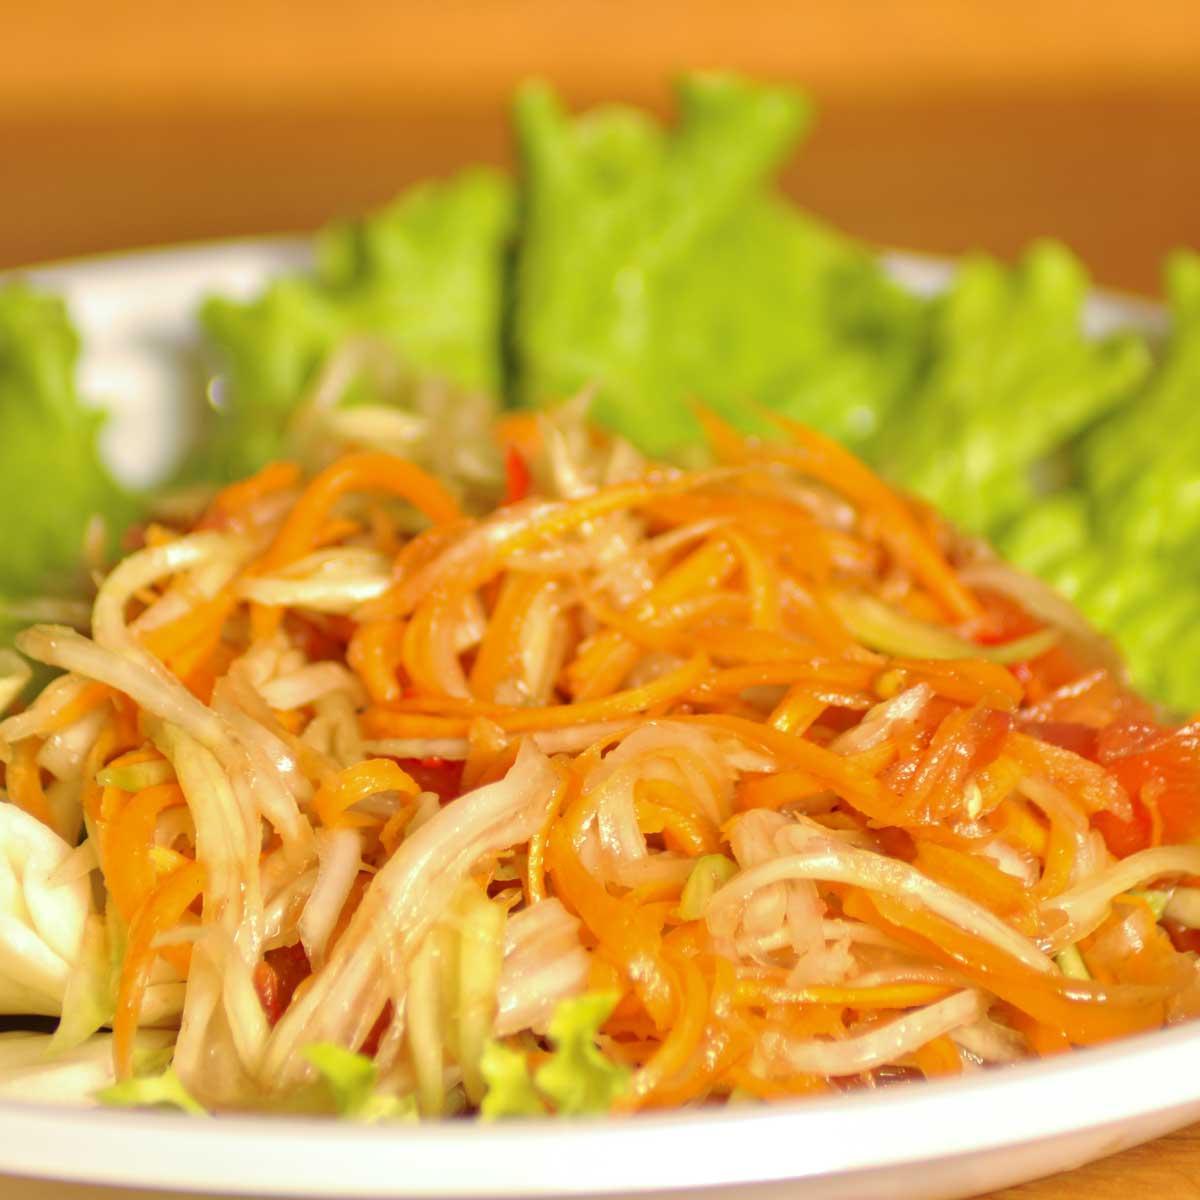 Recette salade tha landaise de papaye verte cuisine madame figaro - Recette cuisine thailandaise ...